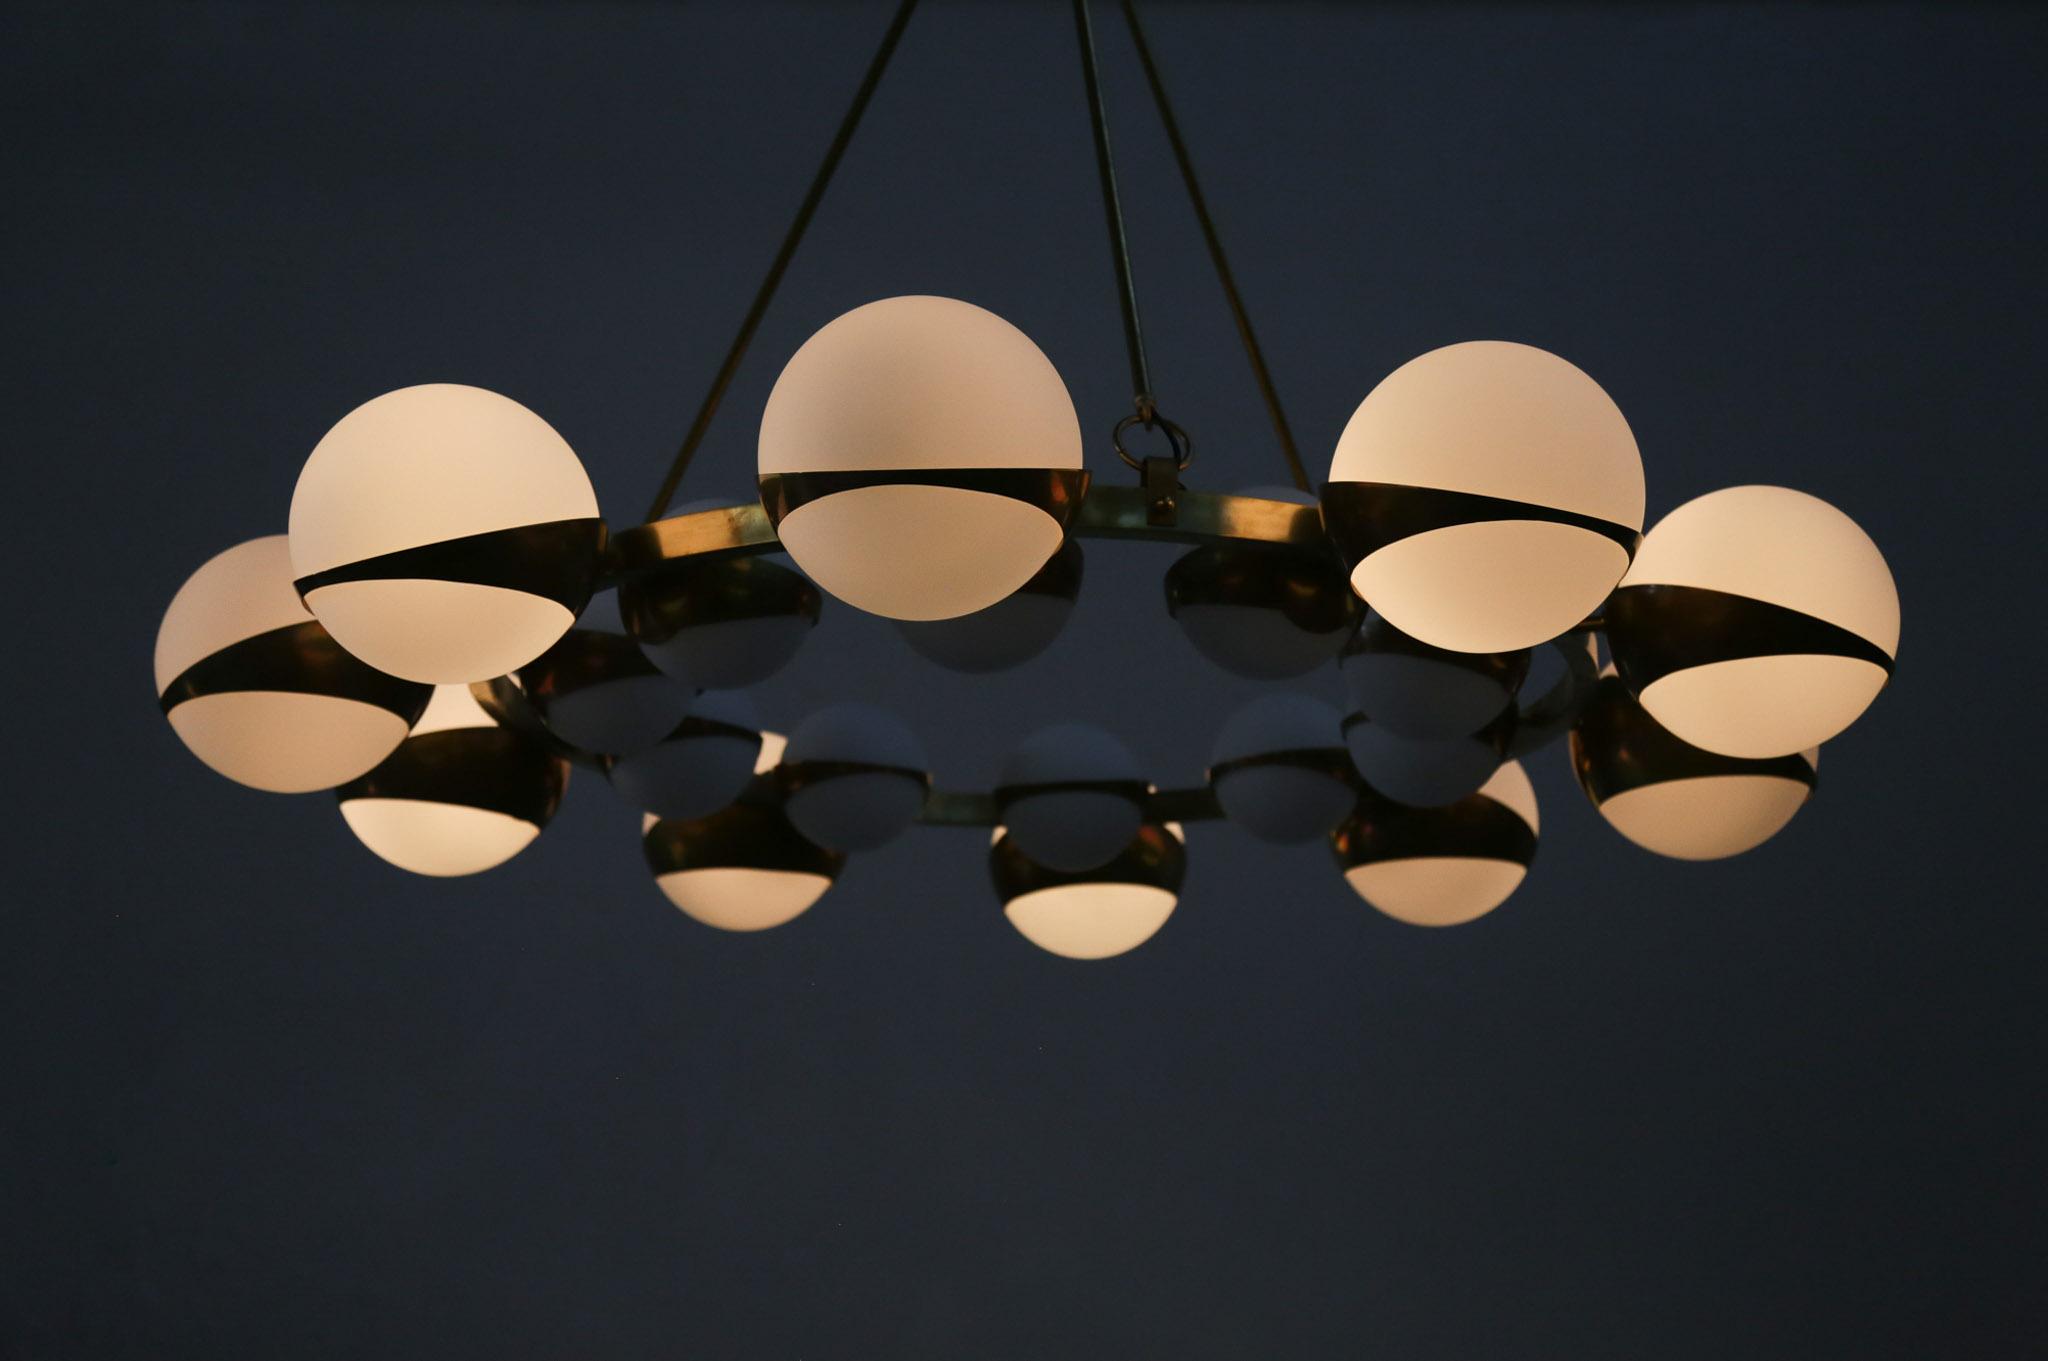 grand lustre italien moderne style stilnovo chandelier. Black Bedroom Furniture Sets. Home Design Ideas